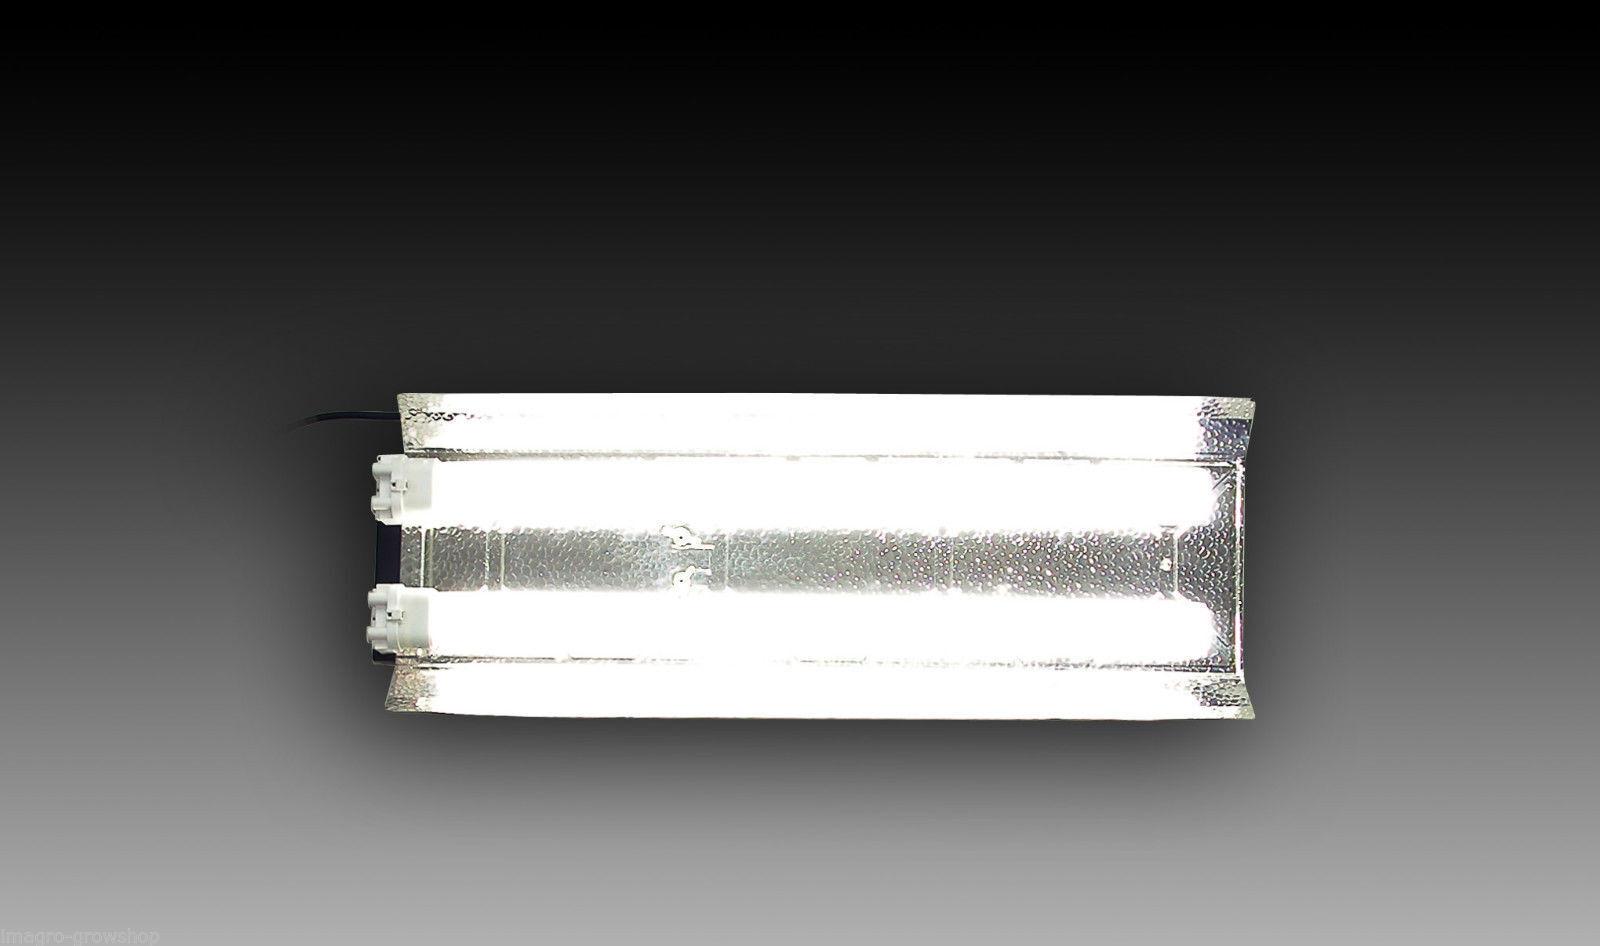 T-neon Set 2 x 36 WATT tagli Lampada COMPLETO 9500K CRESCERE CRESCITA W T NEON